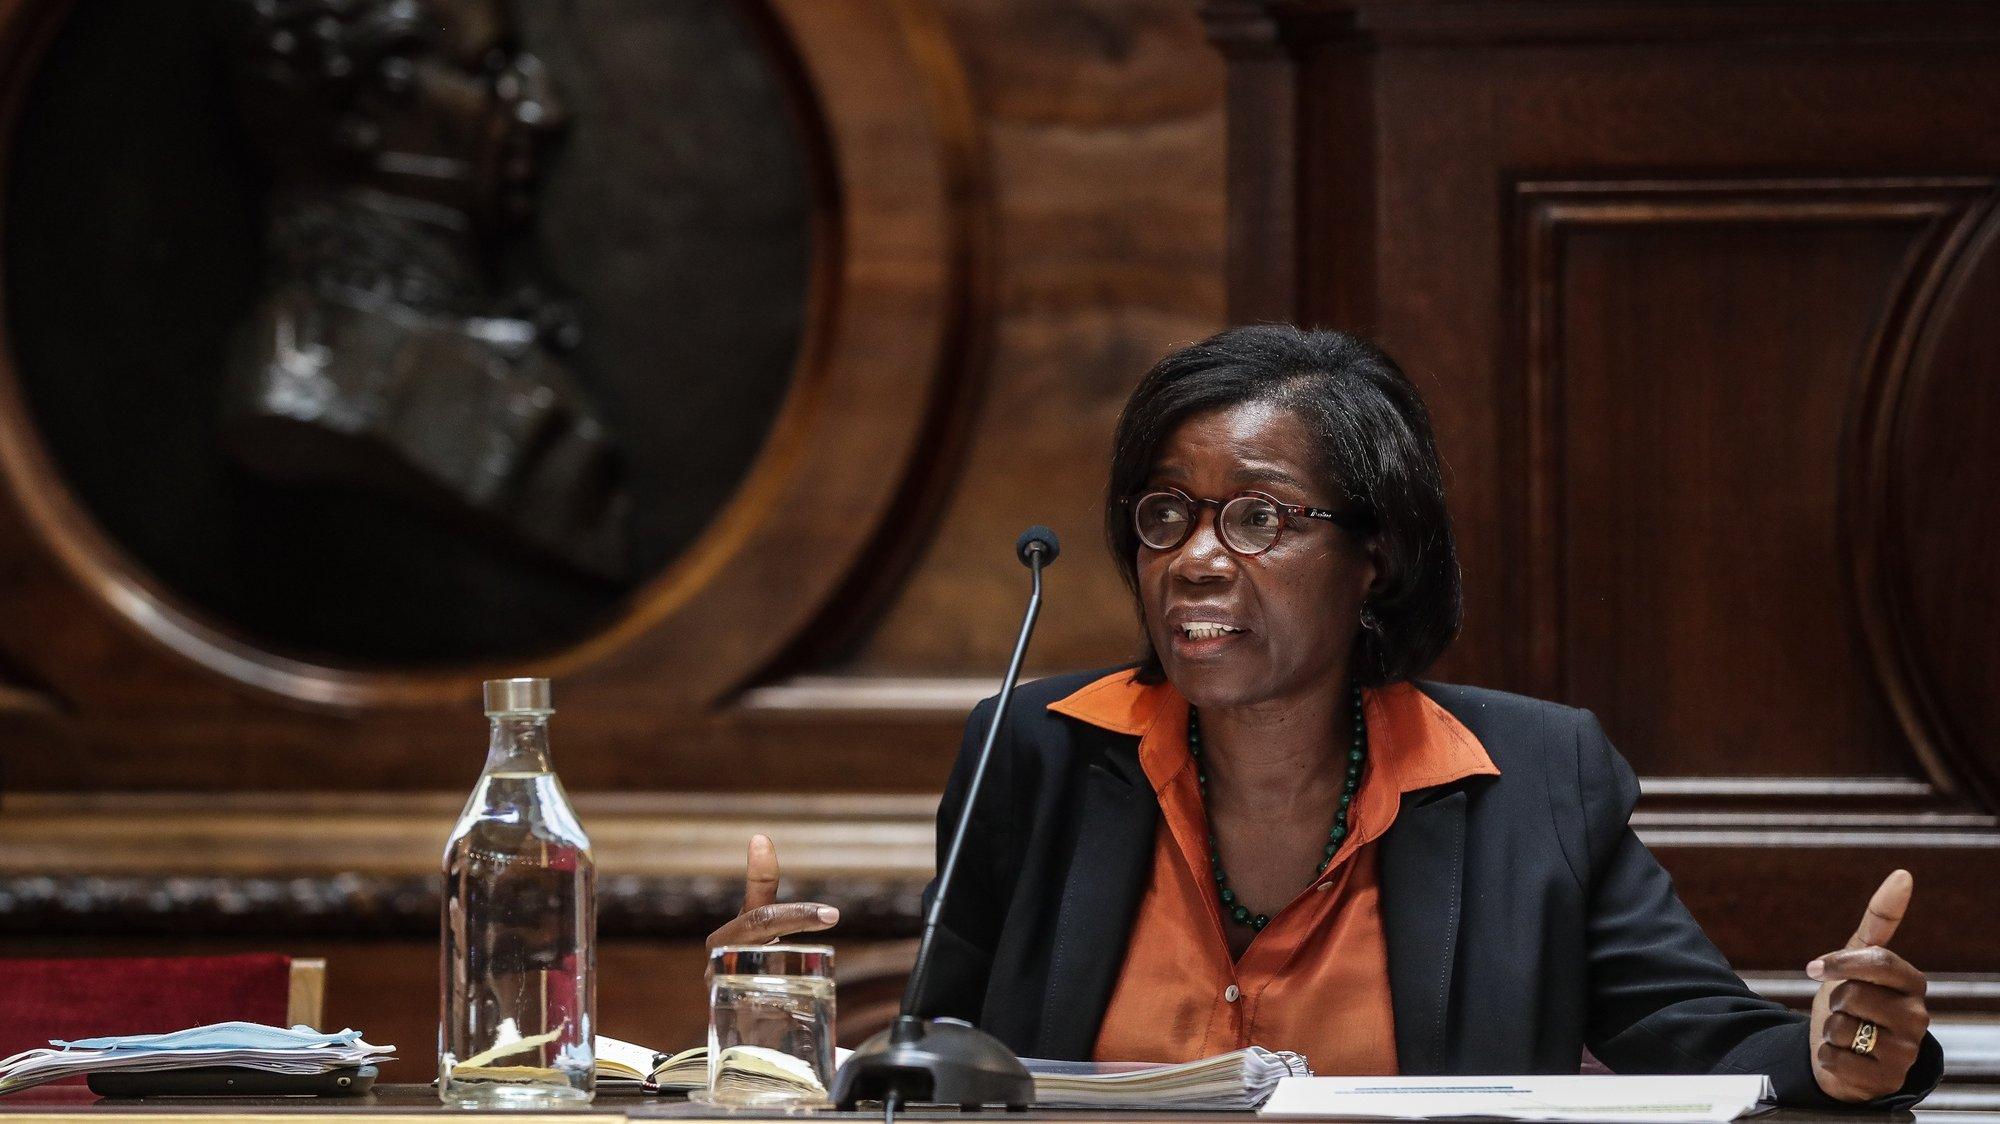 A ministra da Justiça, Francisca Van Dunem, durante a sua audiência na Comissão de Assuntos Constitucionais, Direitos, Liberdades e Garantias sobre a recente nomeação para o cargo de Procurador Europeu Nacional na Procuradoria Europeia, na Assembleia da República, em Lisboa, 14 de outubro de 2020. MÁRIO CRUZ/LUSA